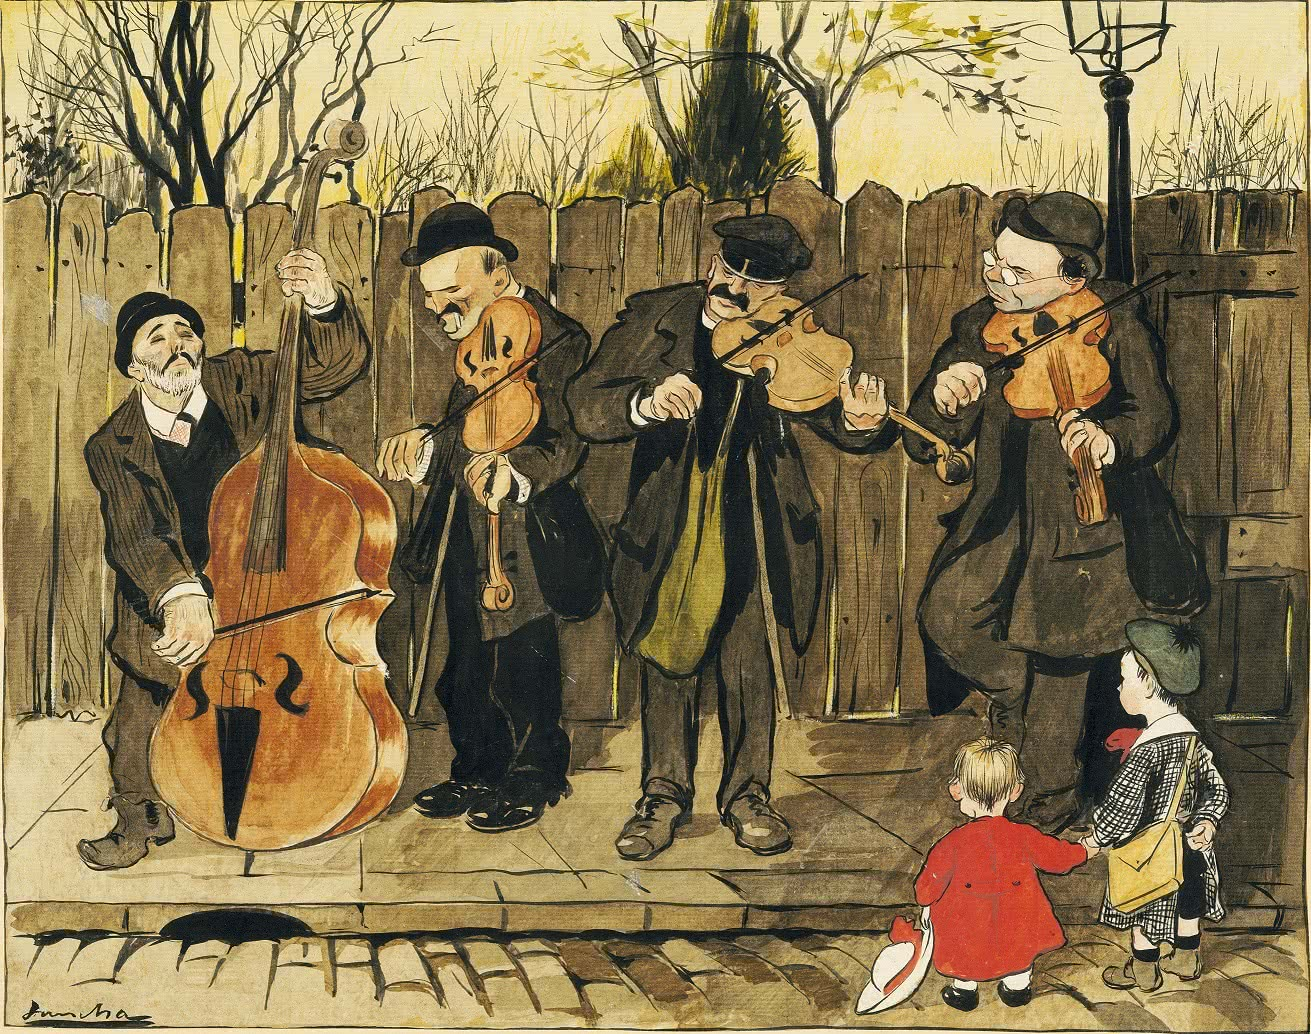 Francisco Sancha. Los ciegos, 1906